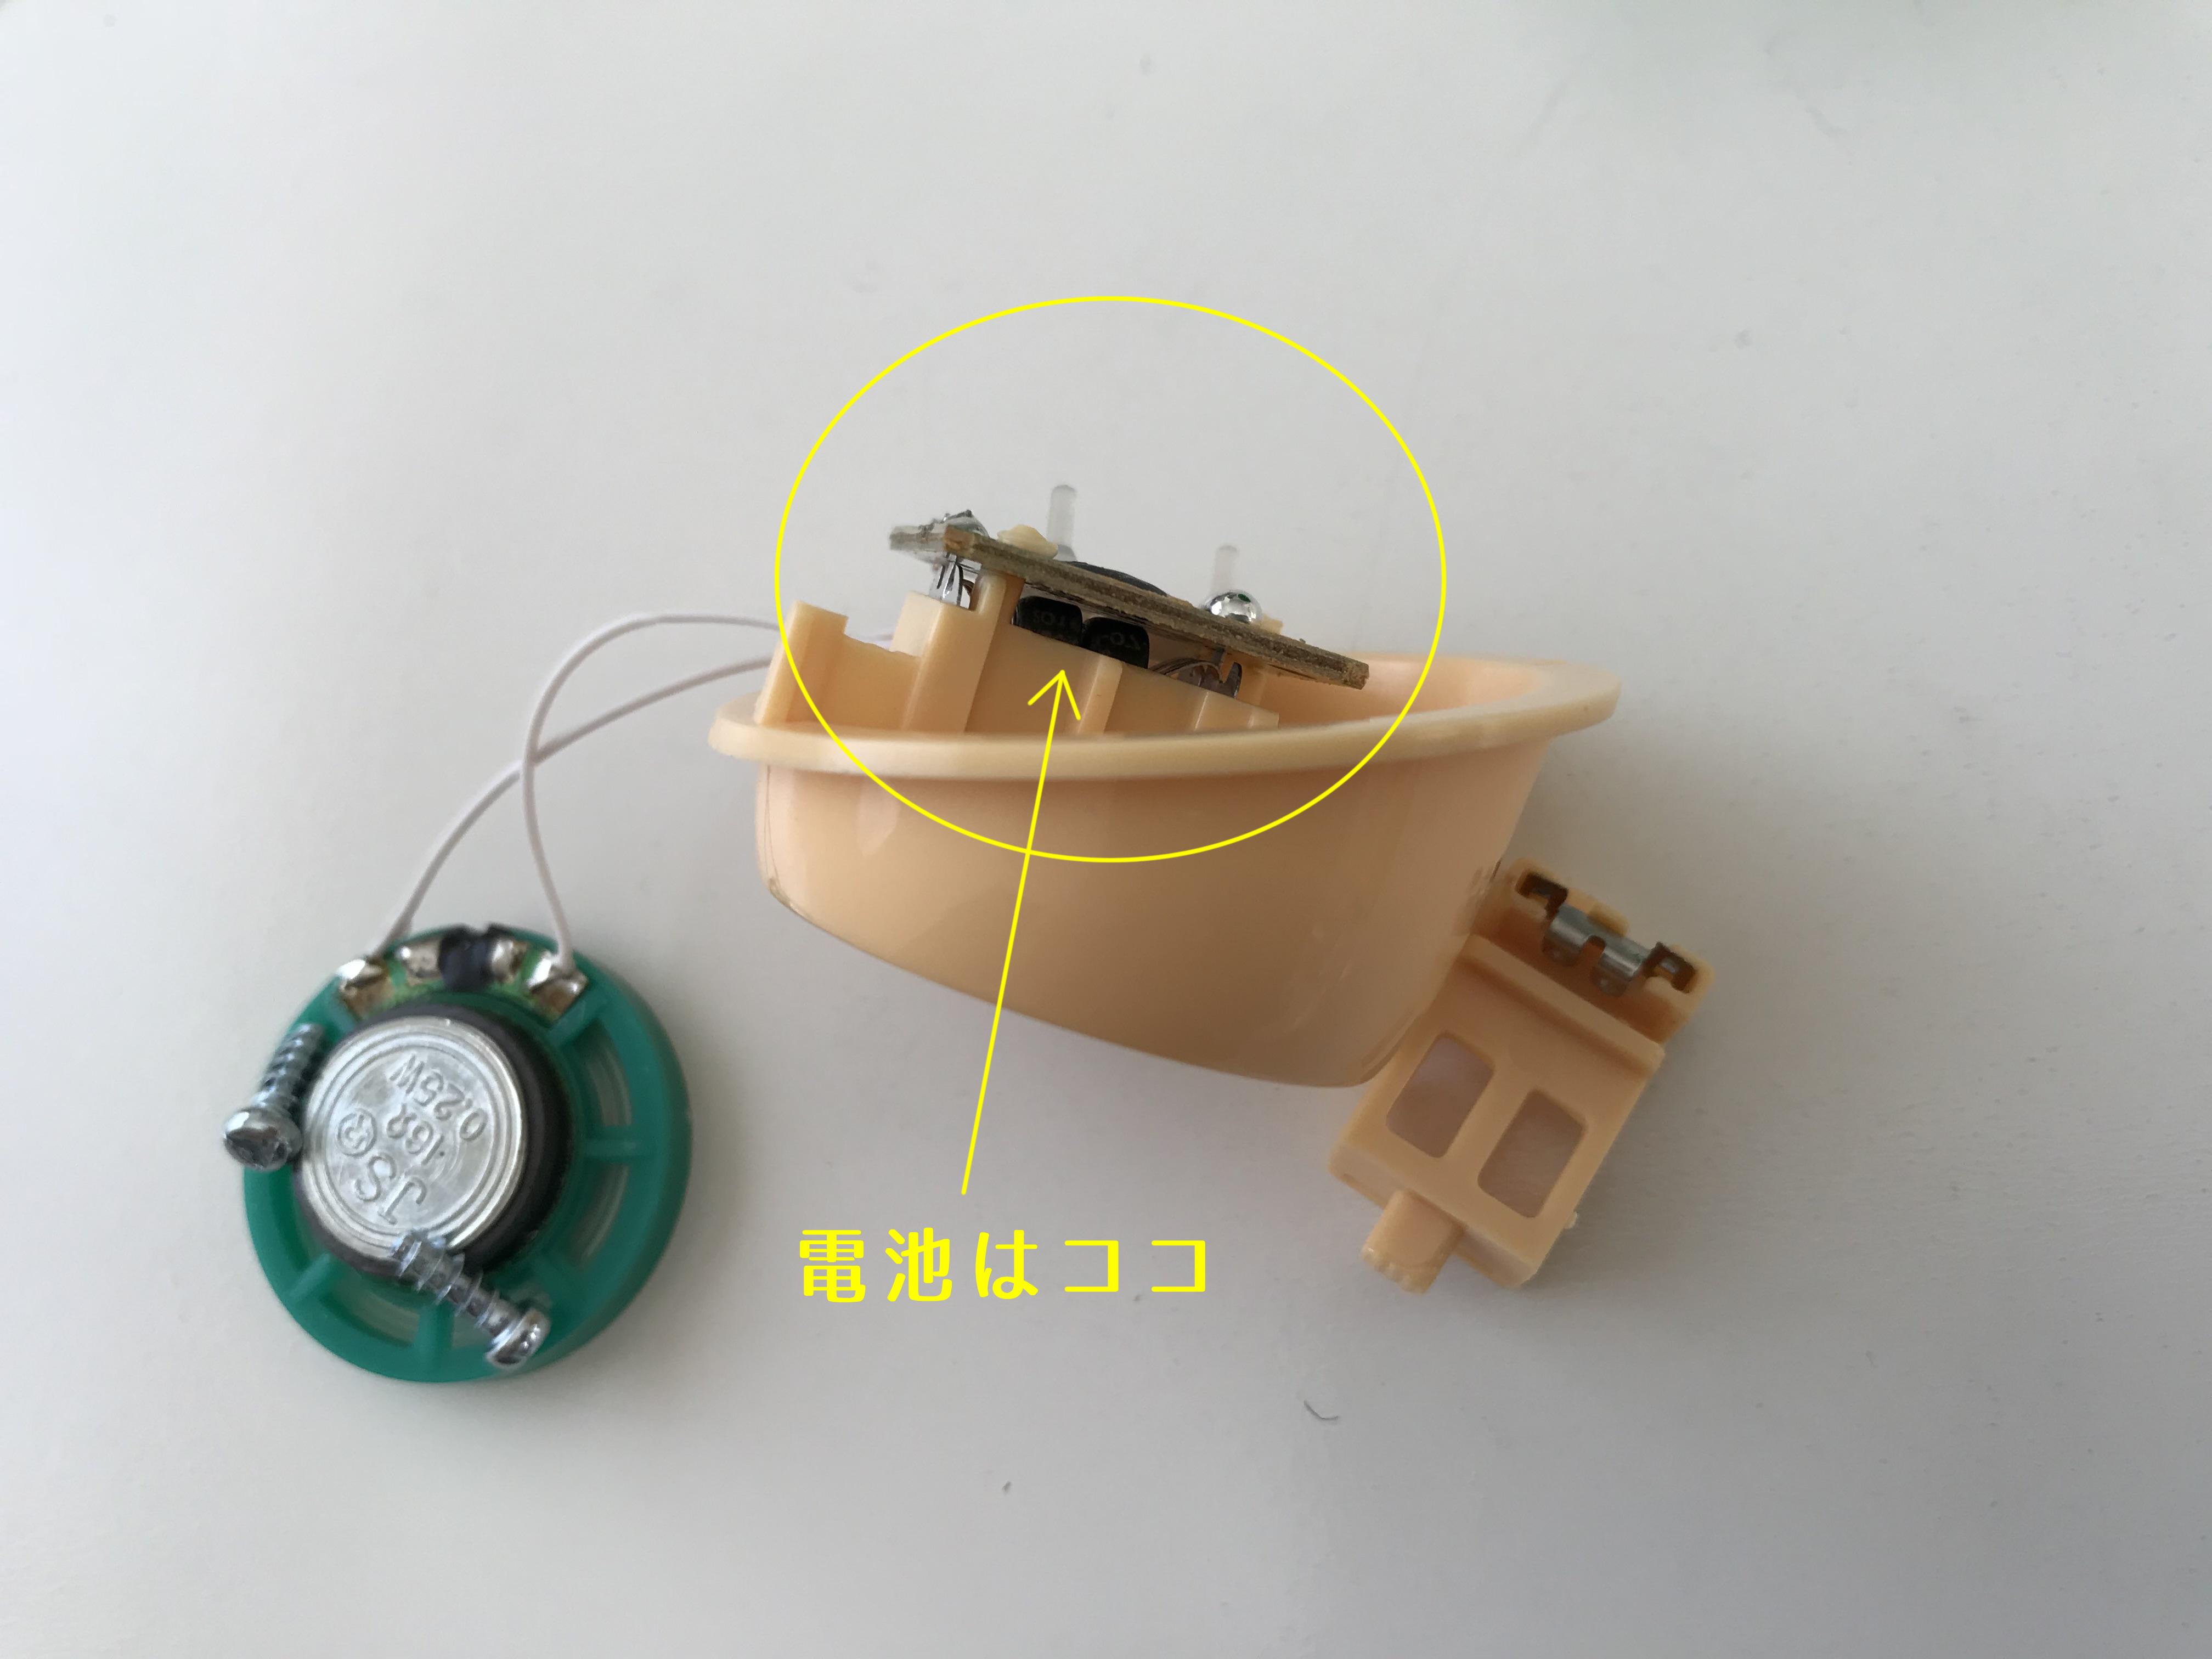 ハッピーセットのおもちゃの電池交換